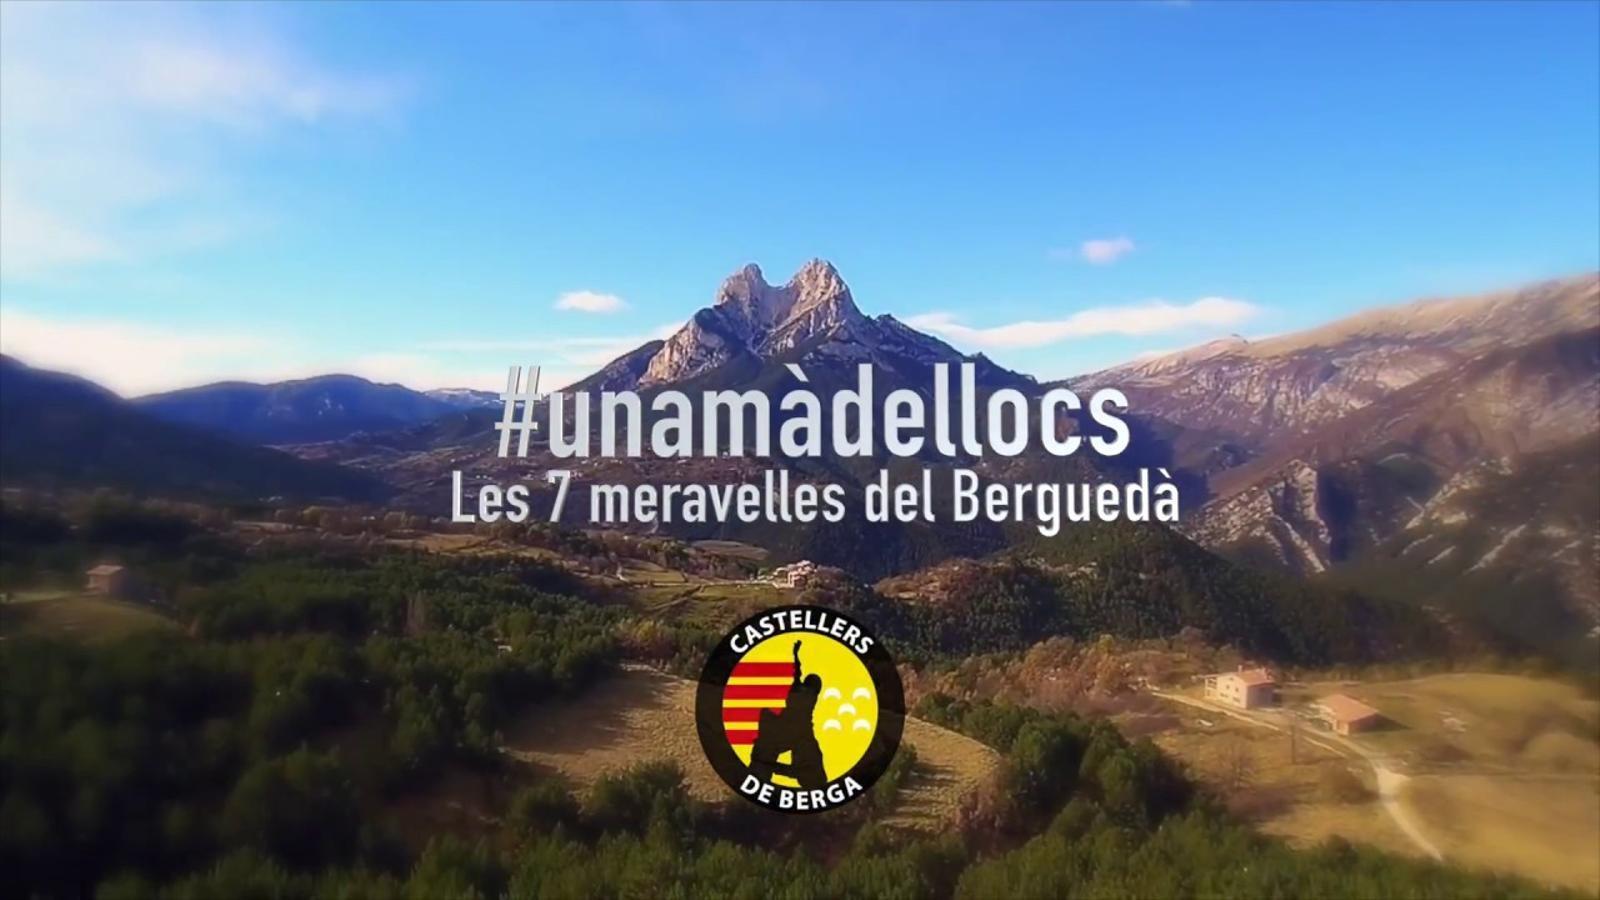 Els castells visiten les 7 meravelles del Berguedà